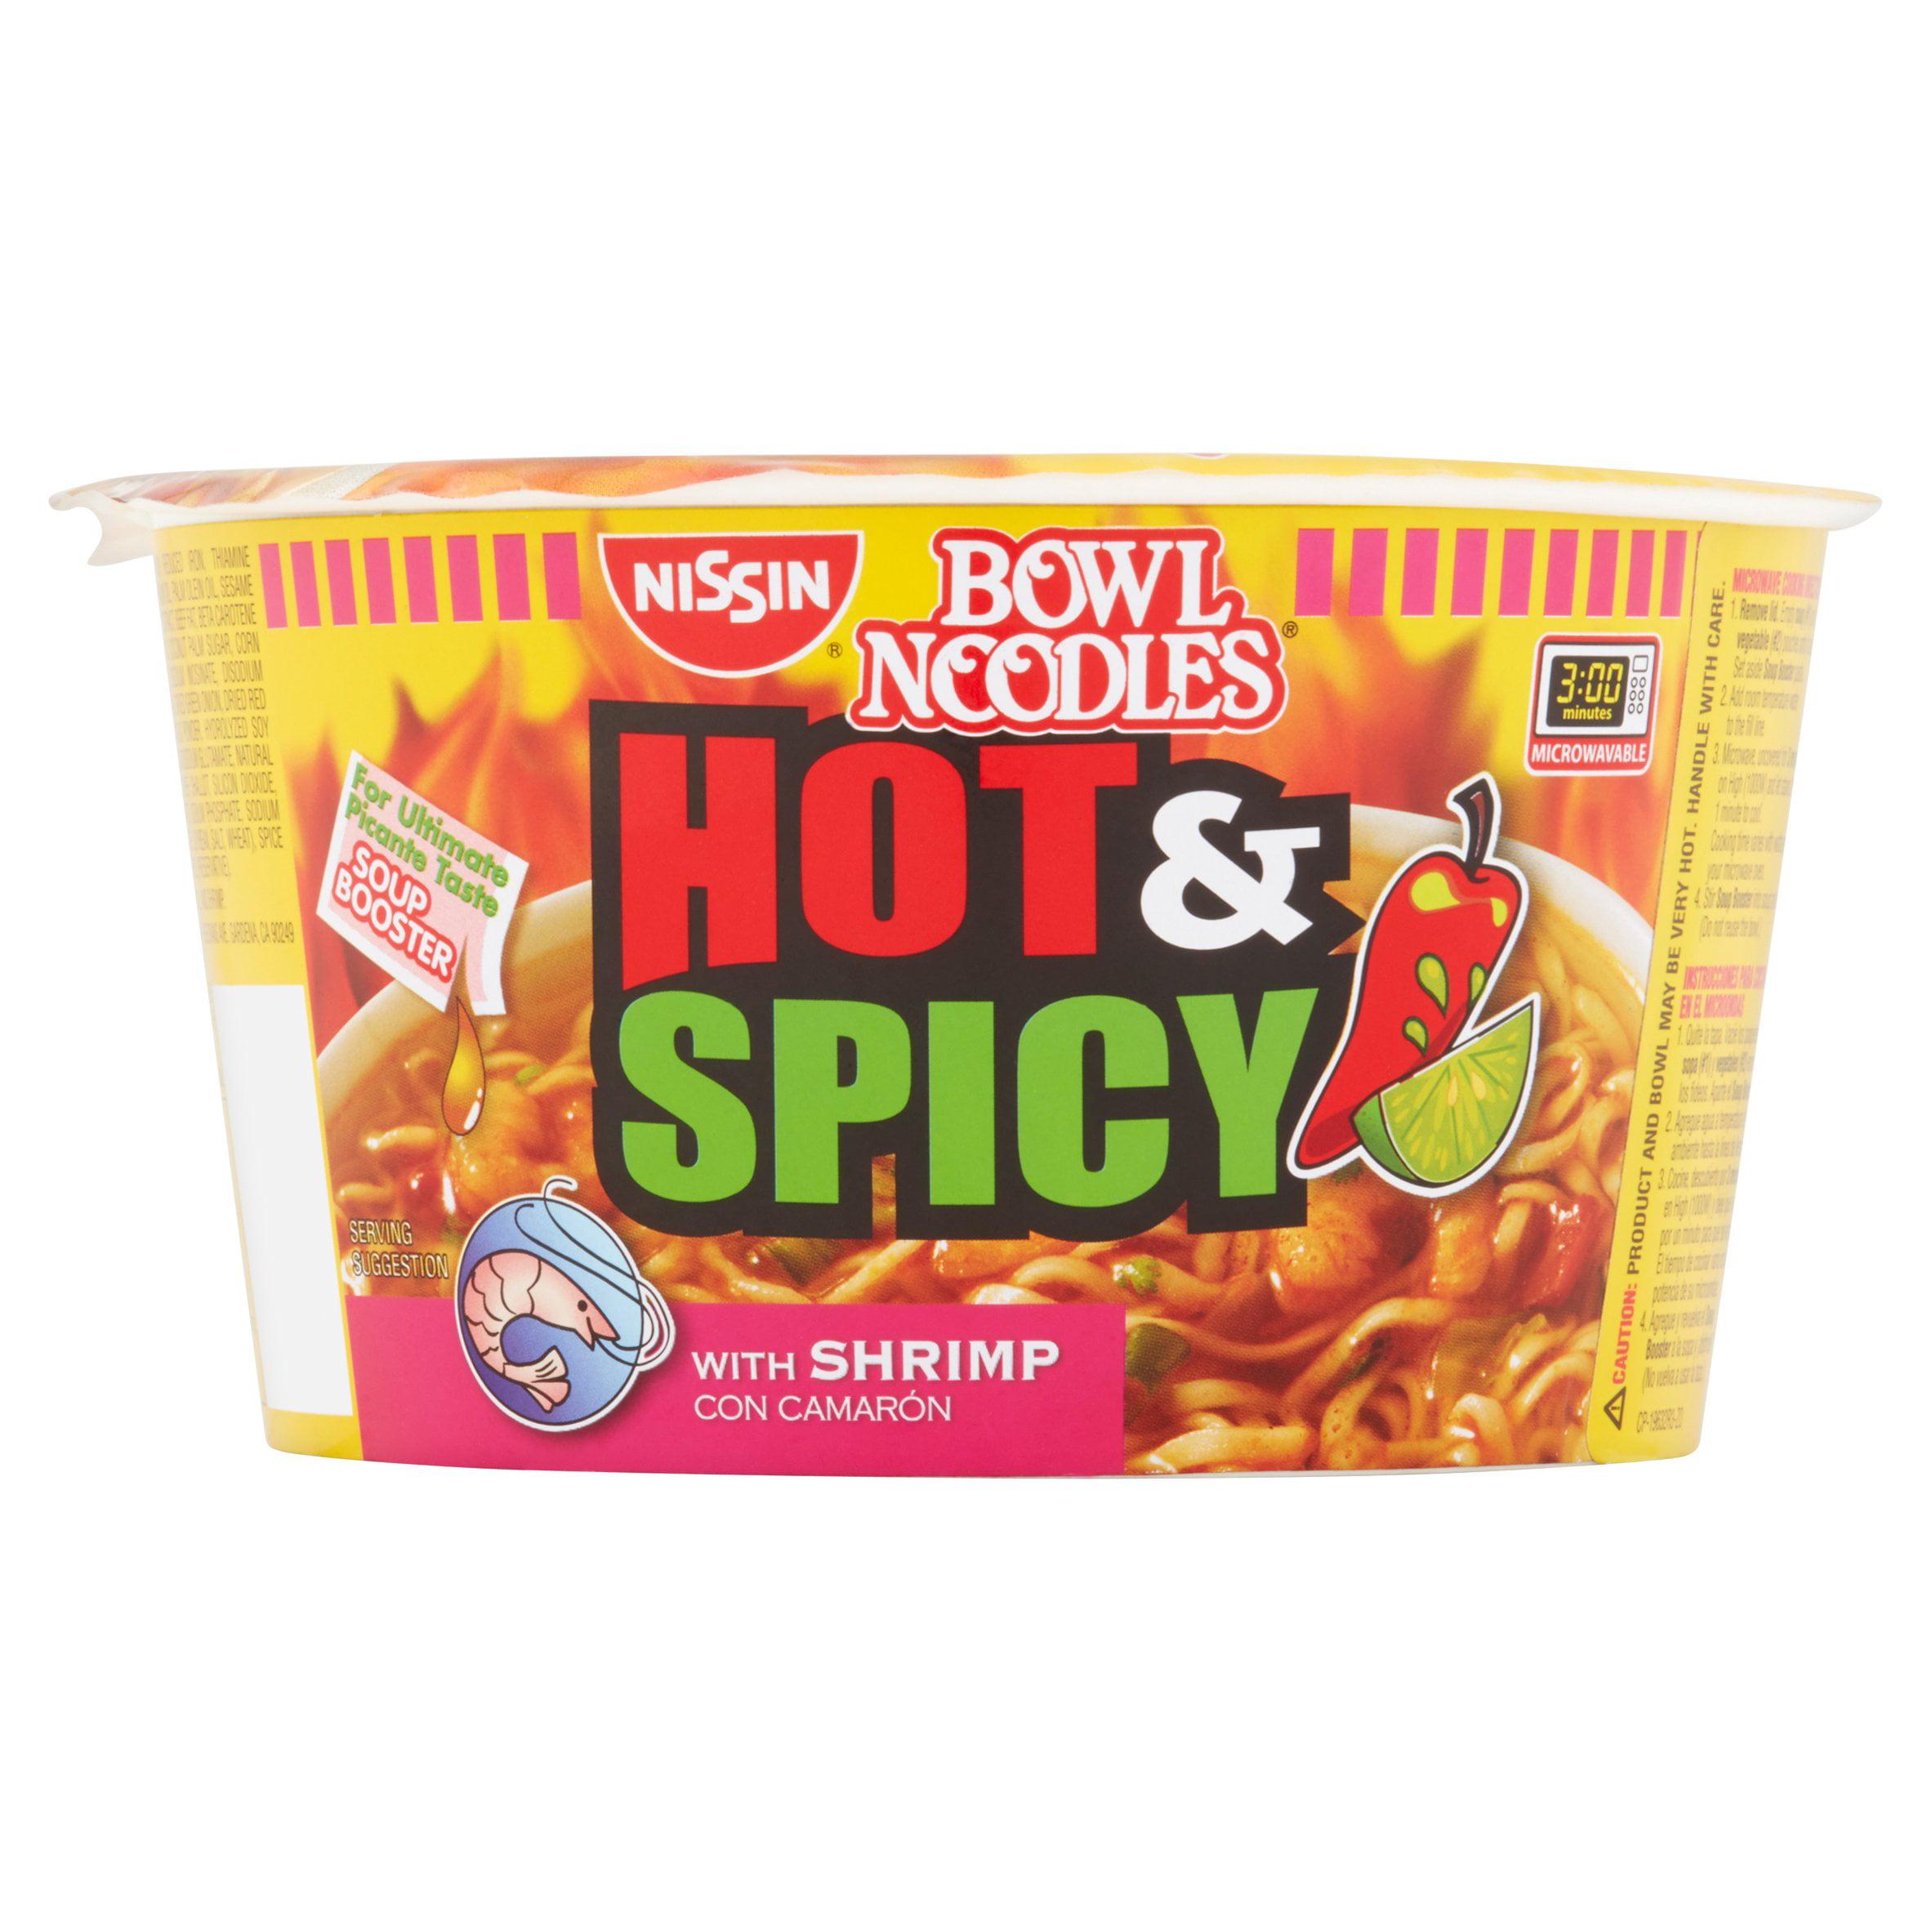 Bowl Noodles Hot & Spicy w Shrimp Ramen Noodle Soup, 3.32 oz by Nissin Foods (USA) Co., Inc.